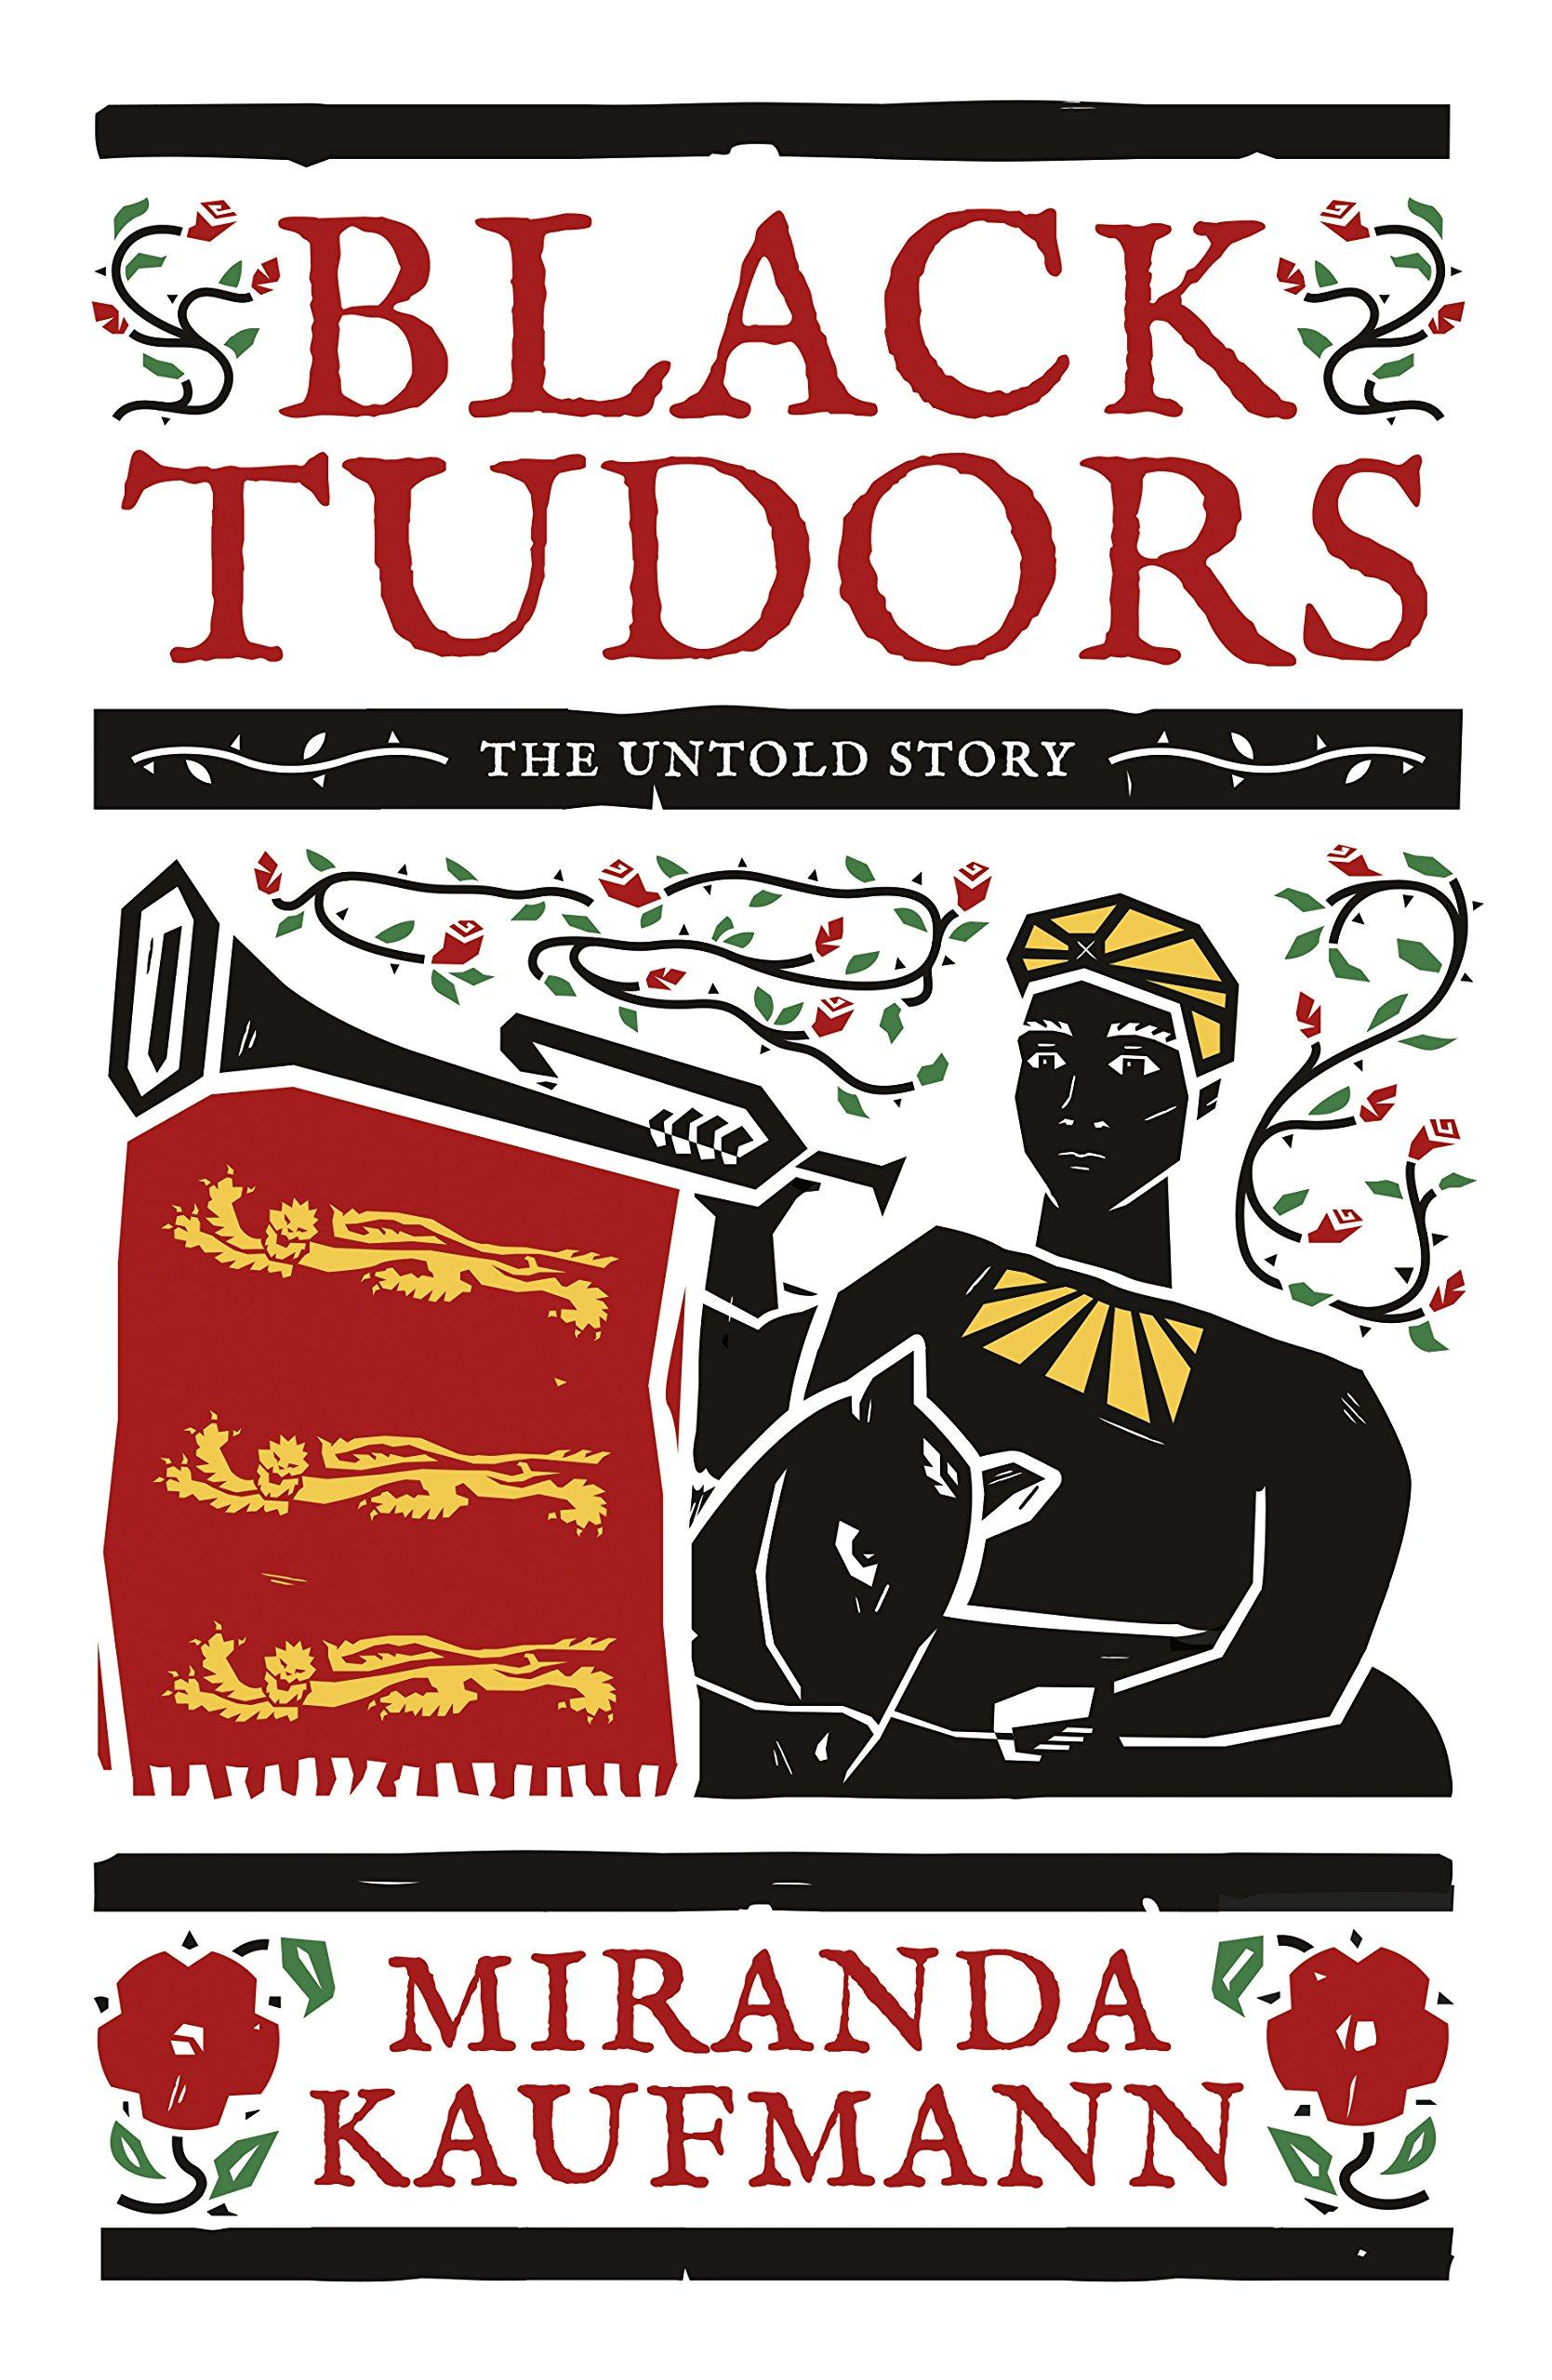 Surmise clipart image free Black Tudors: The Untold Story: Amazon.co.uk: Miranda ... image free